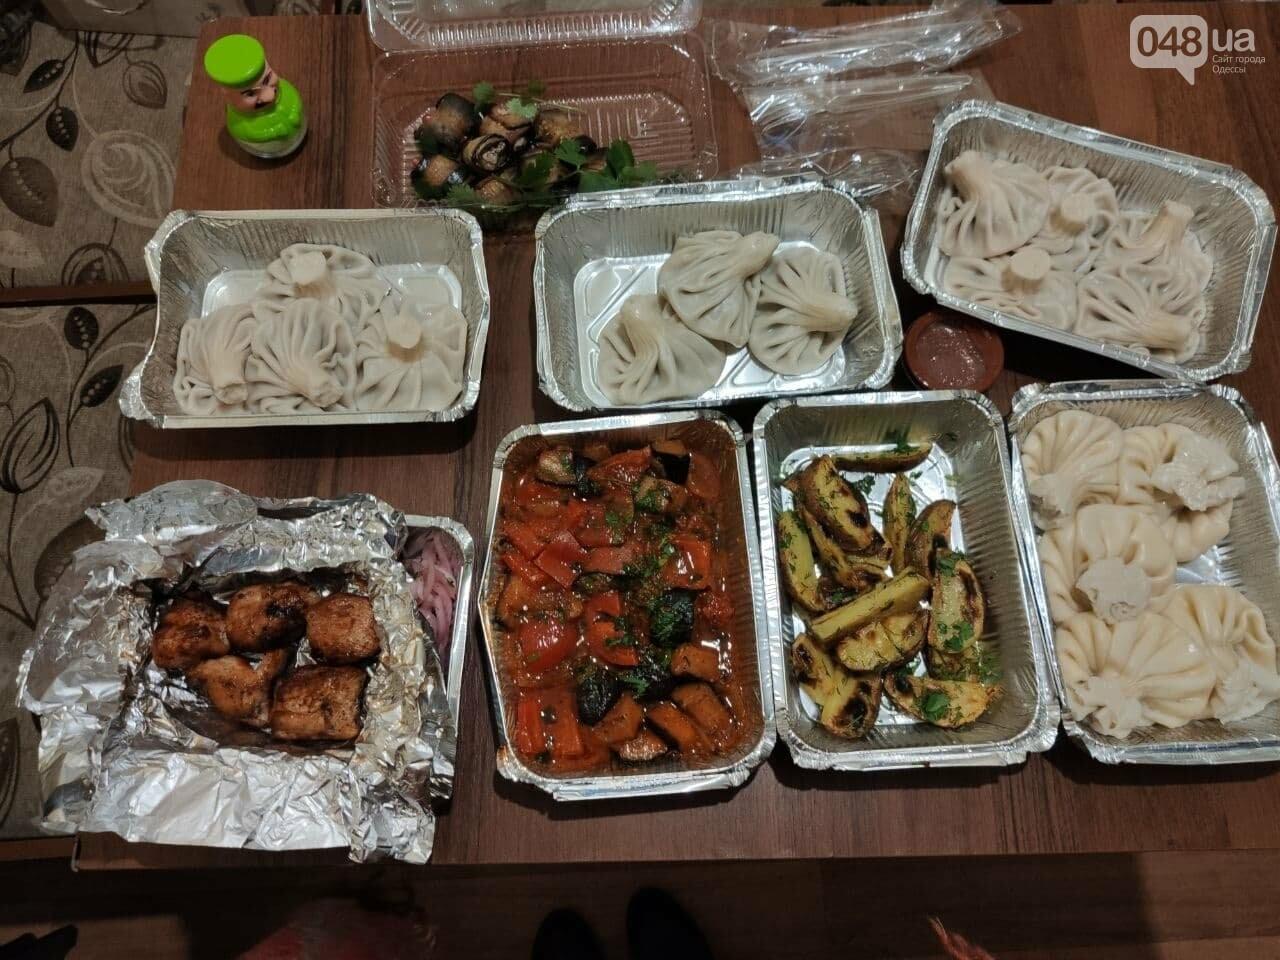 Время, качество, цена: тестируем доставку из грузинского ресторана в Одессе, - ФОТО, фото-4